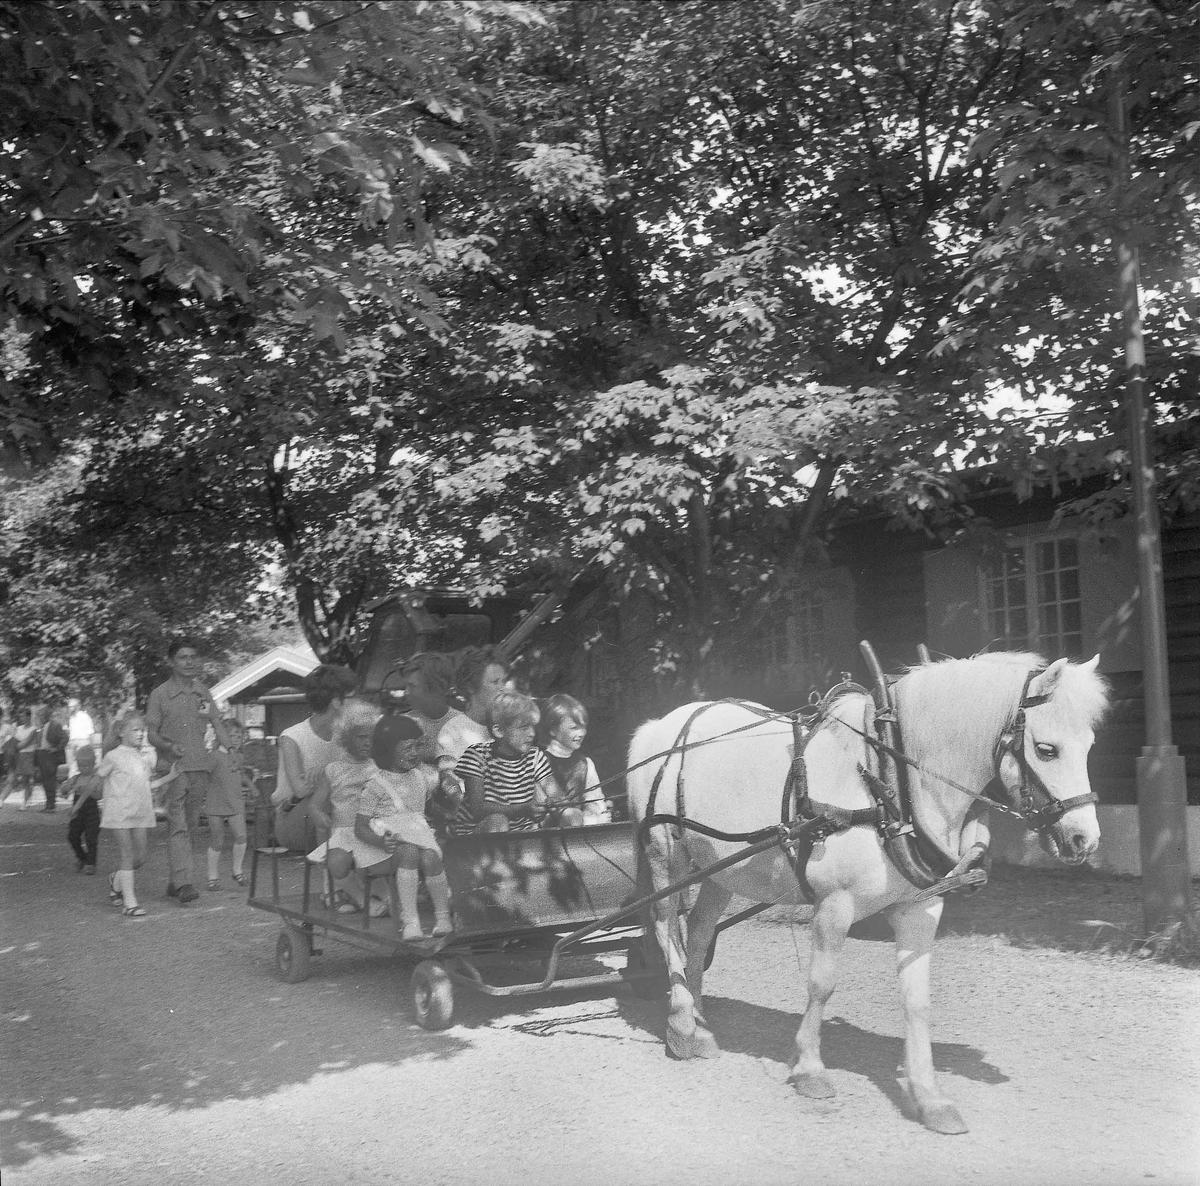 Barn kjører hest og vogn.